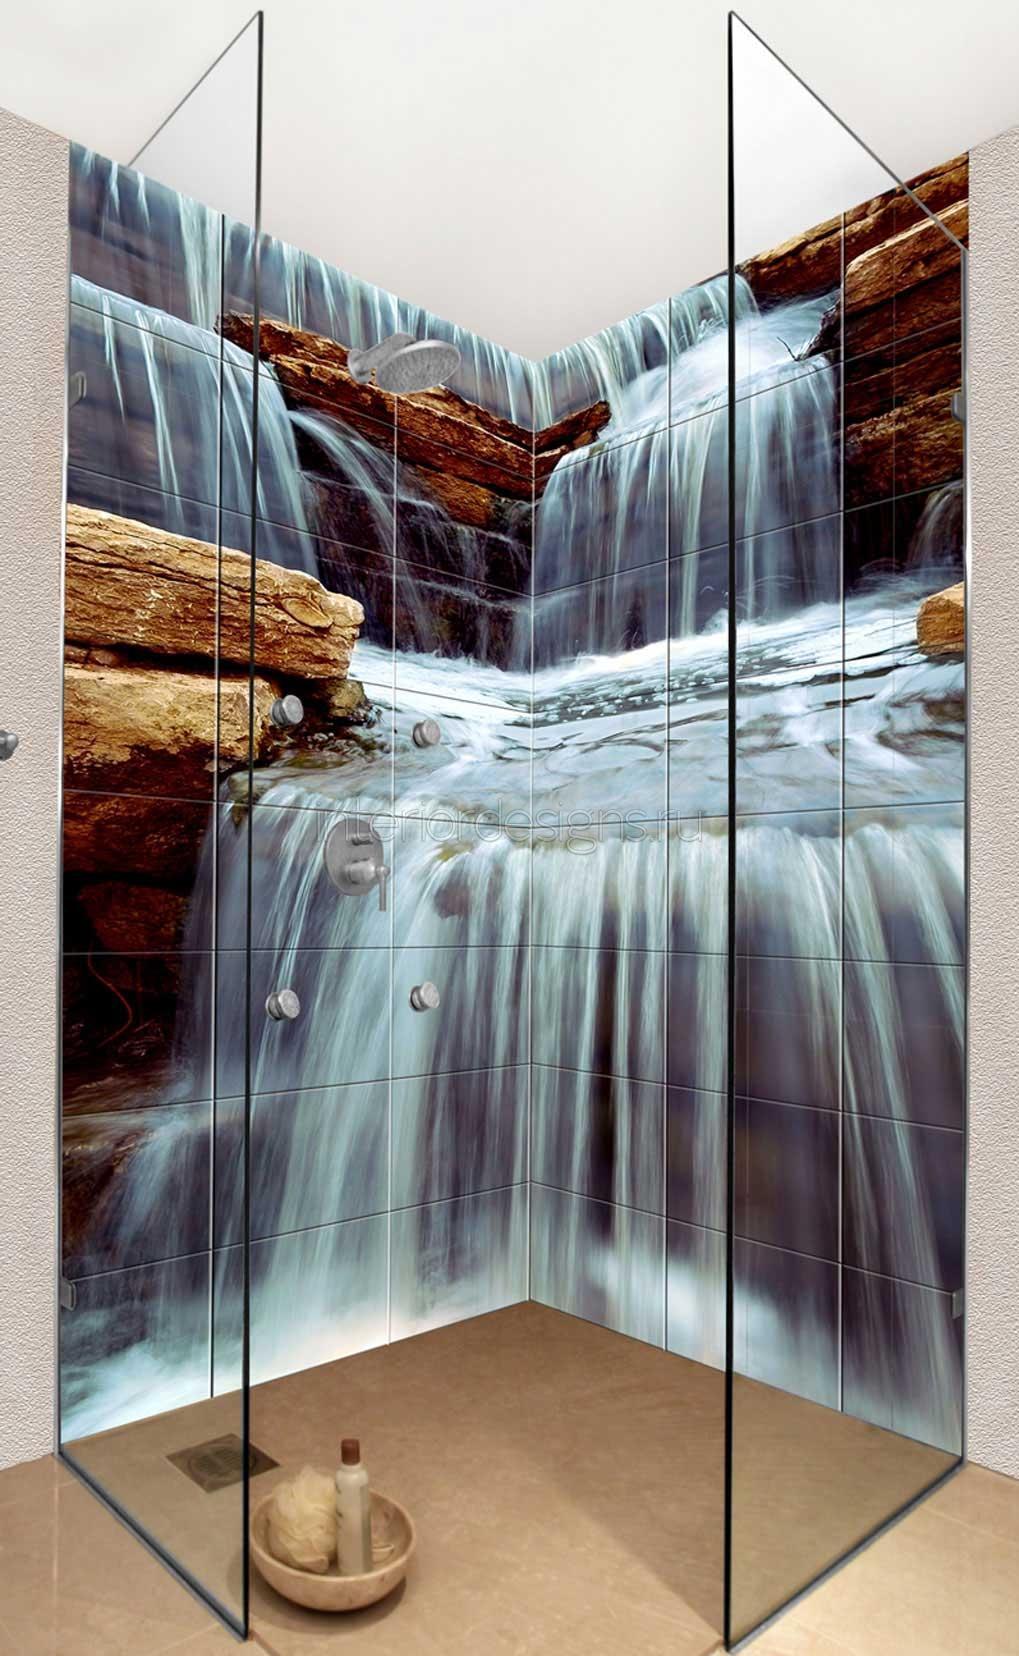 Современные технологии позволяют нанести любое изображение на плитку. Принять душ под струями водопада - нет проблем.